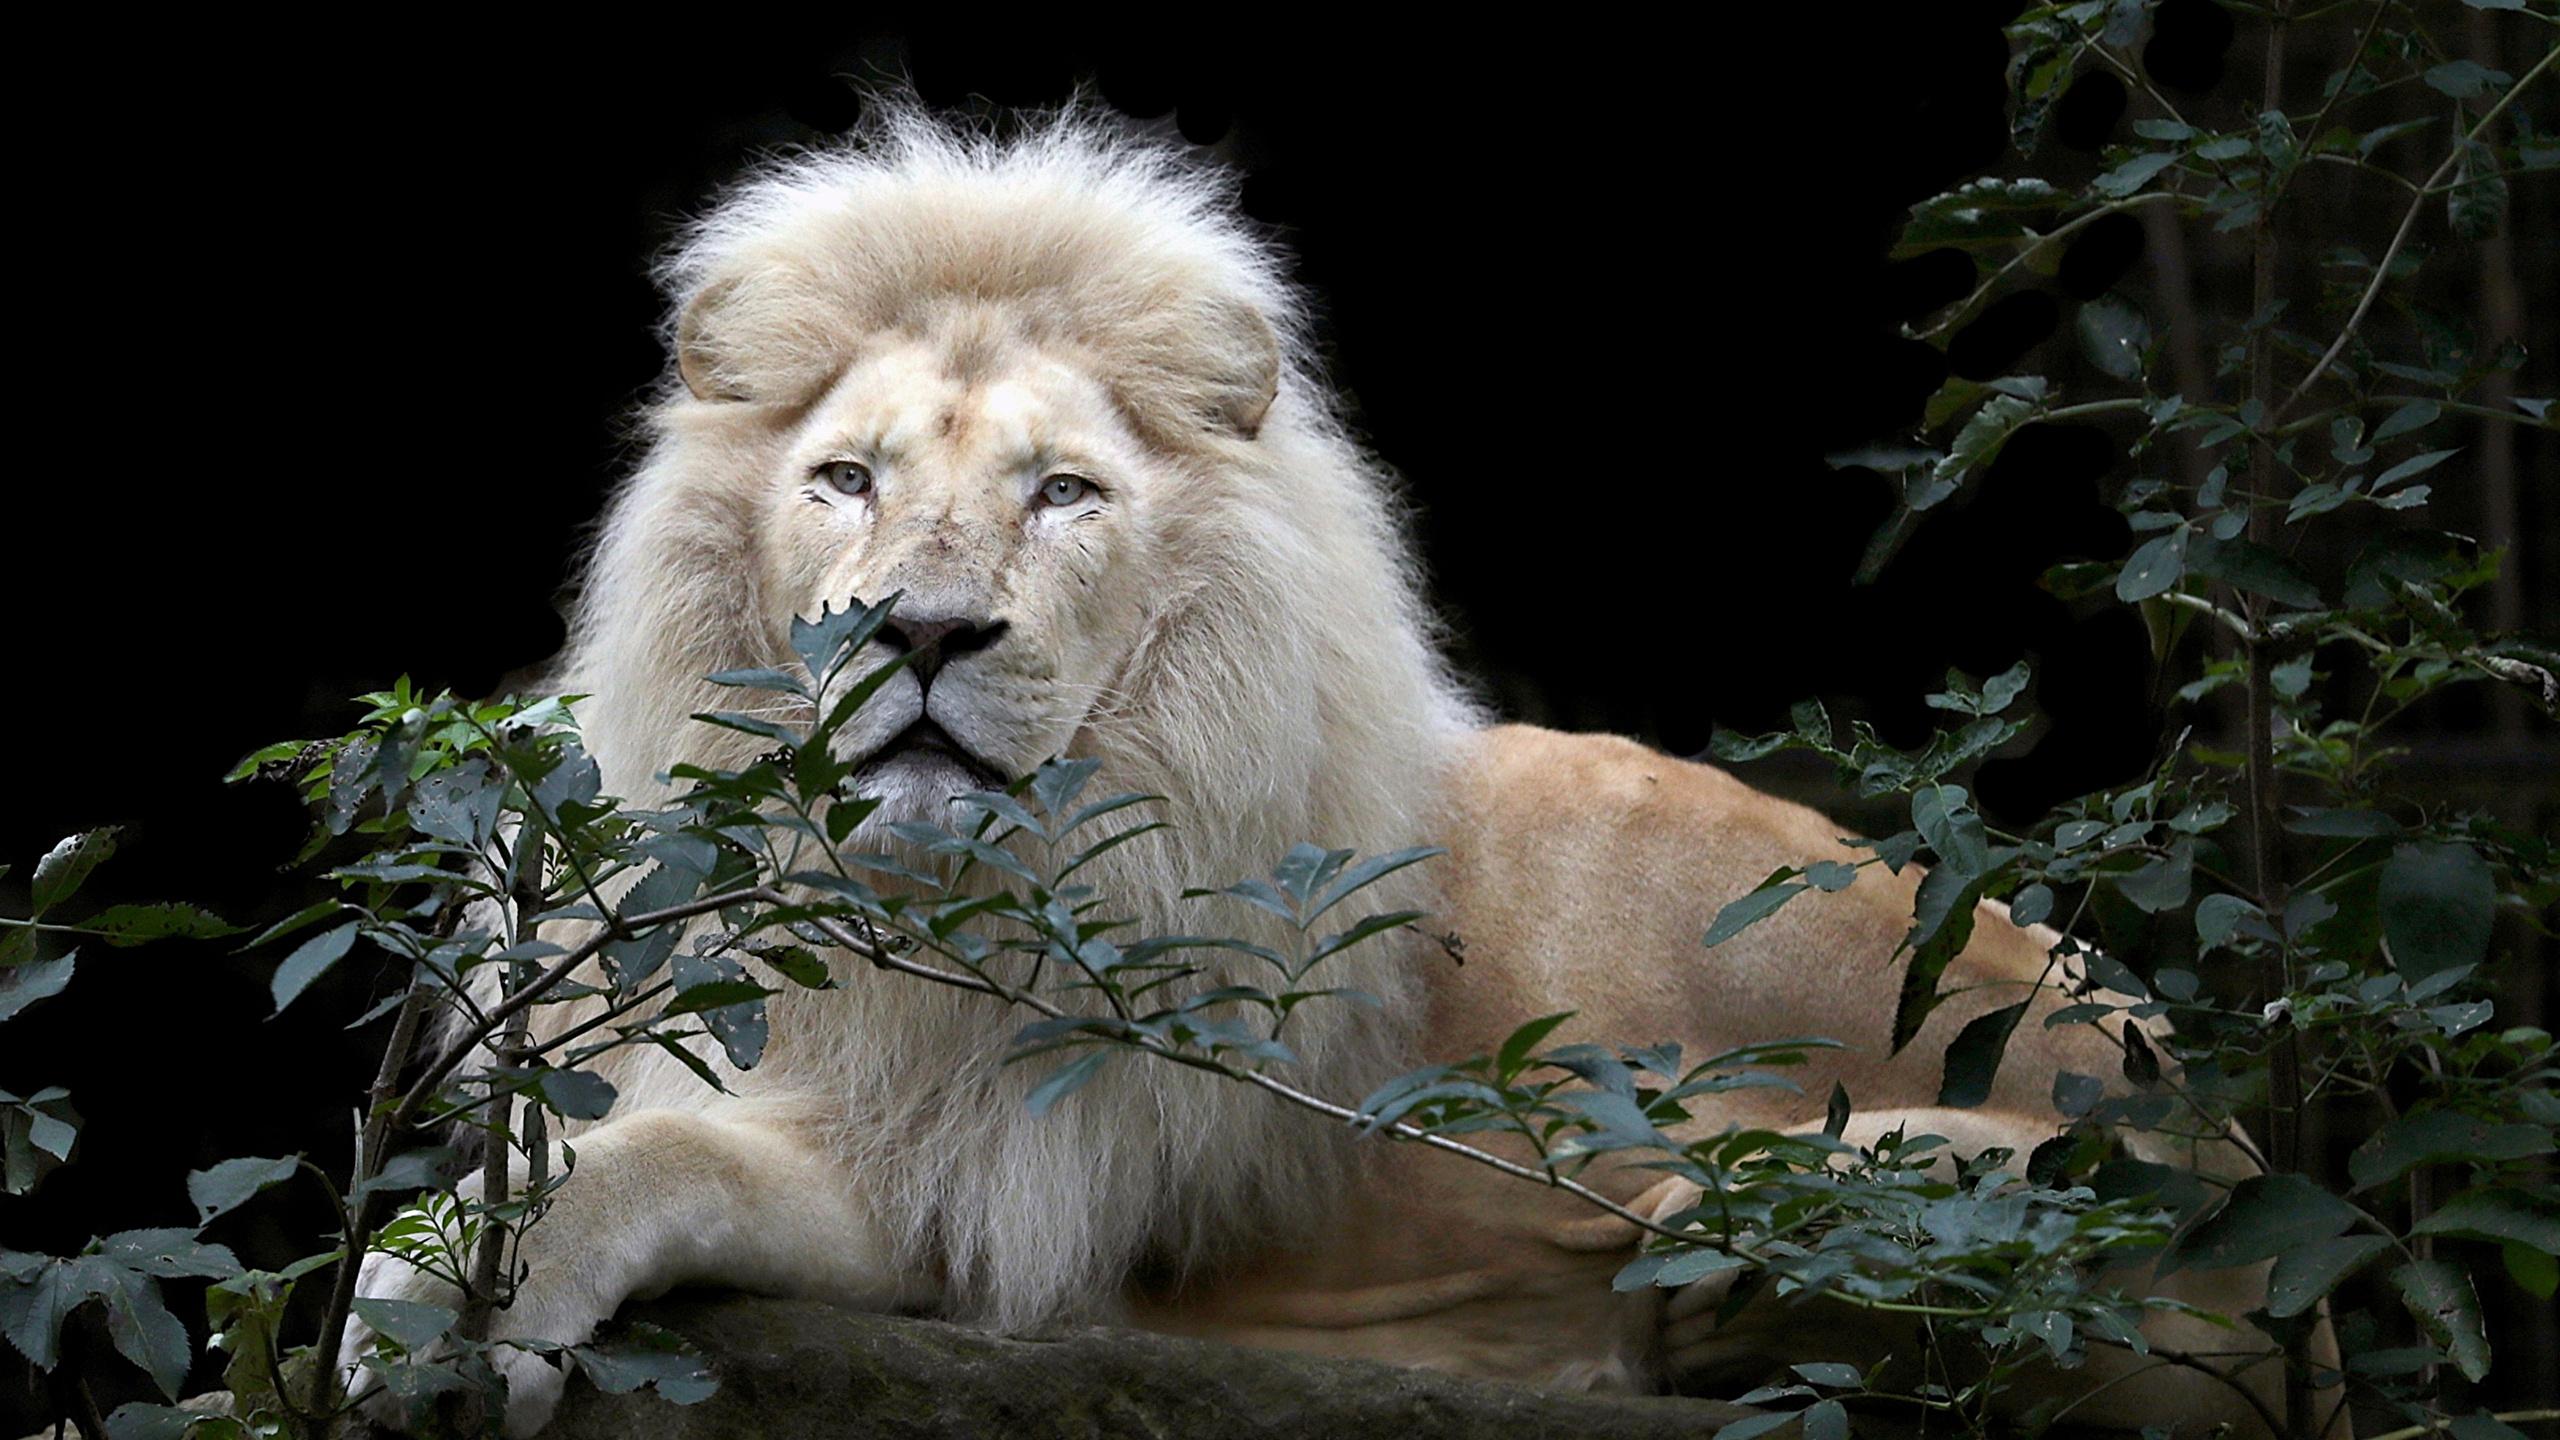 Fonds Decran 2560x1440 Fauve Lions Fond Noir Voir Branche